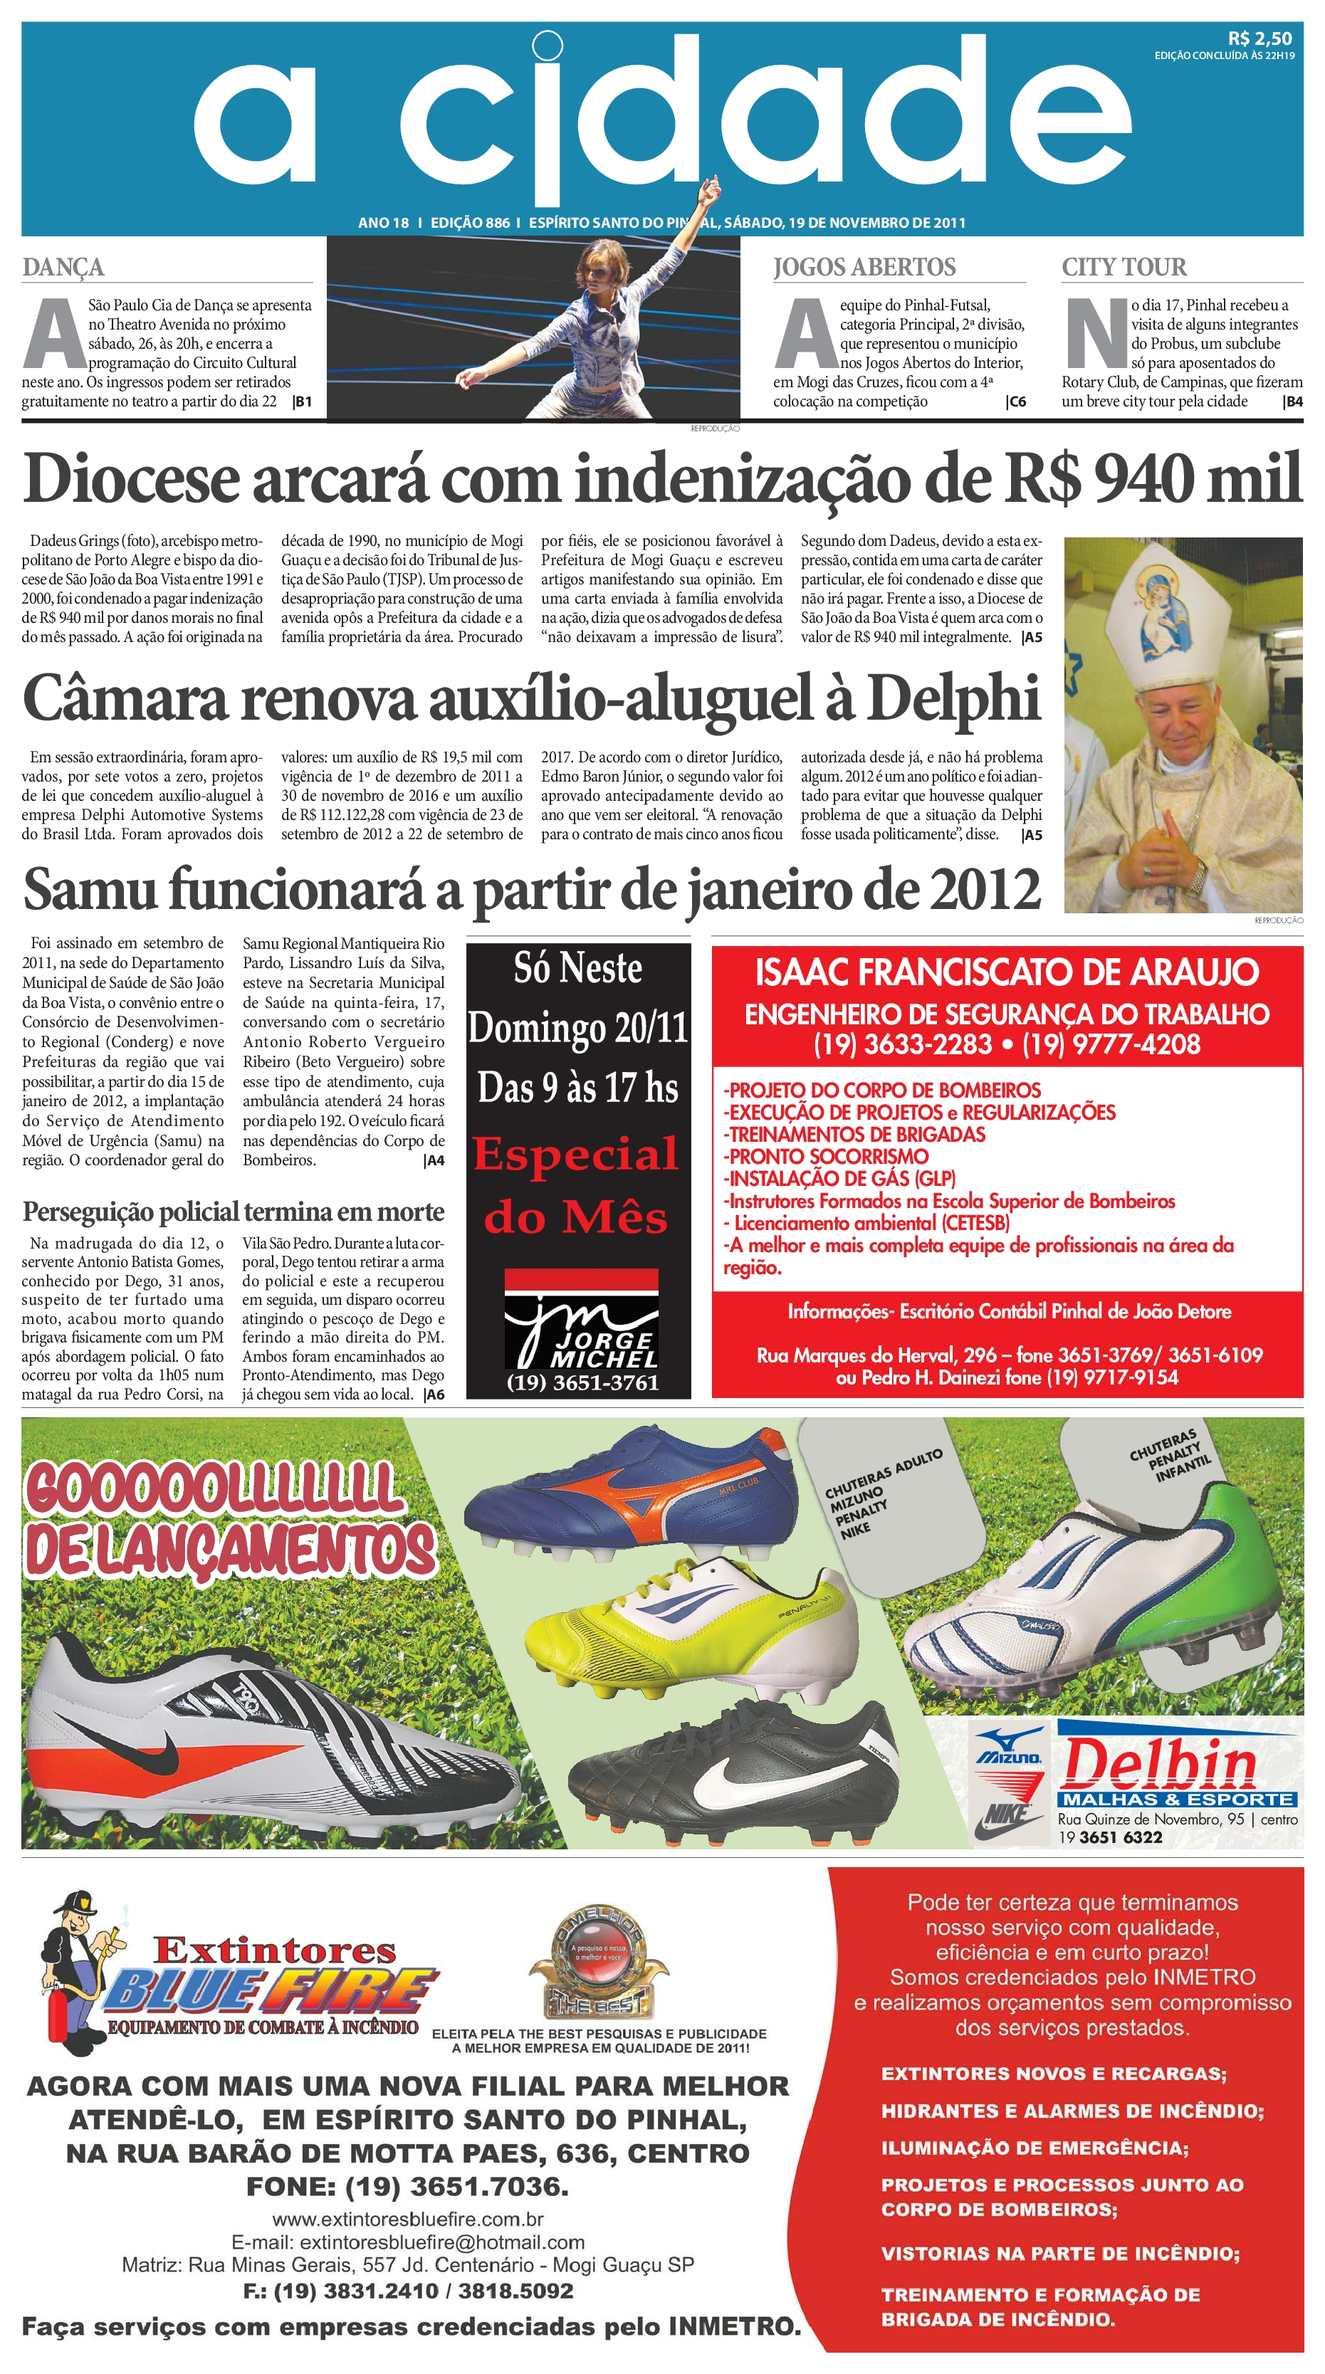 d7f38c9f1 Calaméo - Jornal A Cidade - Edição 886 de 19 11 2011